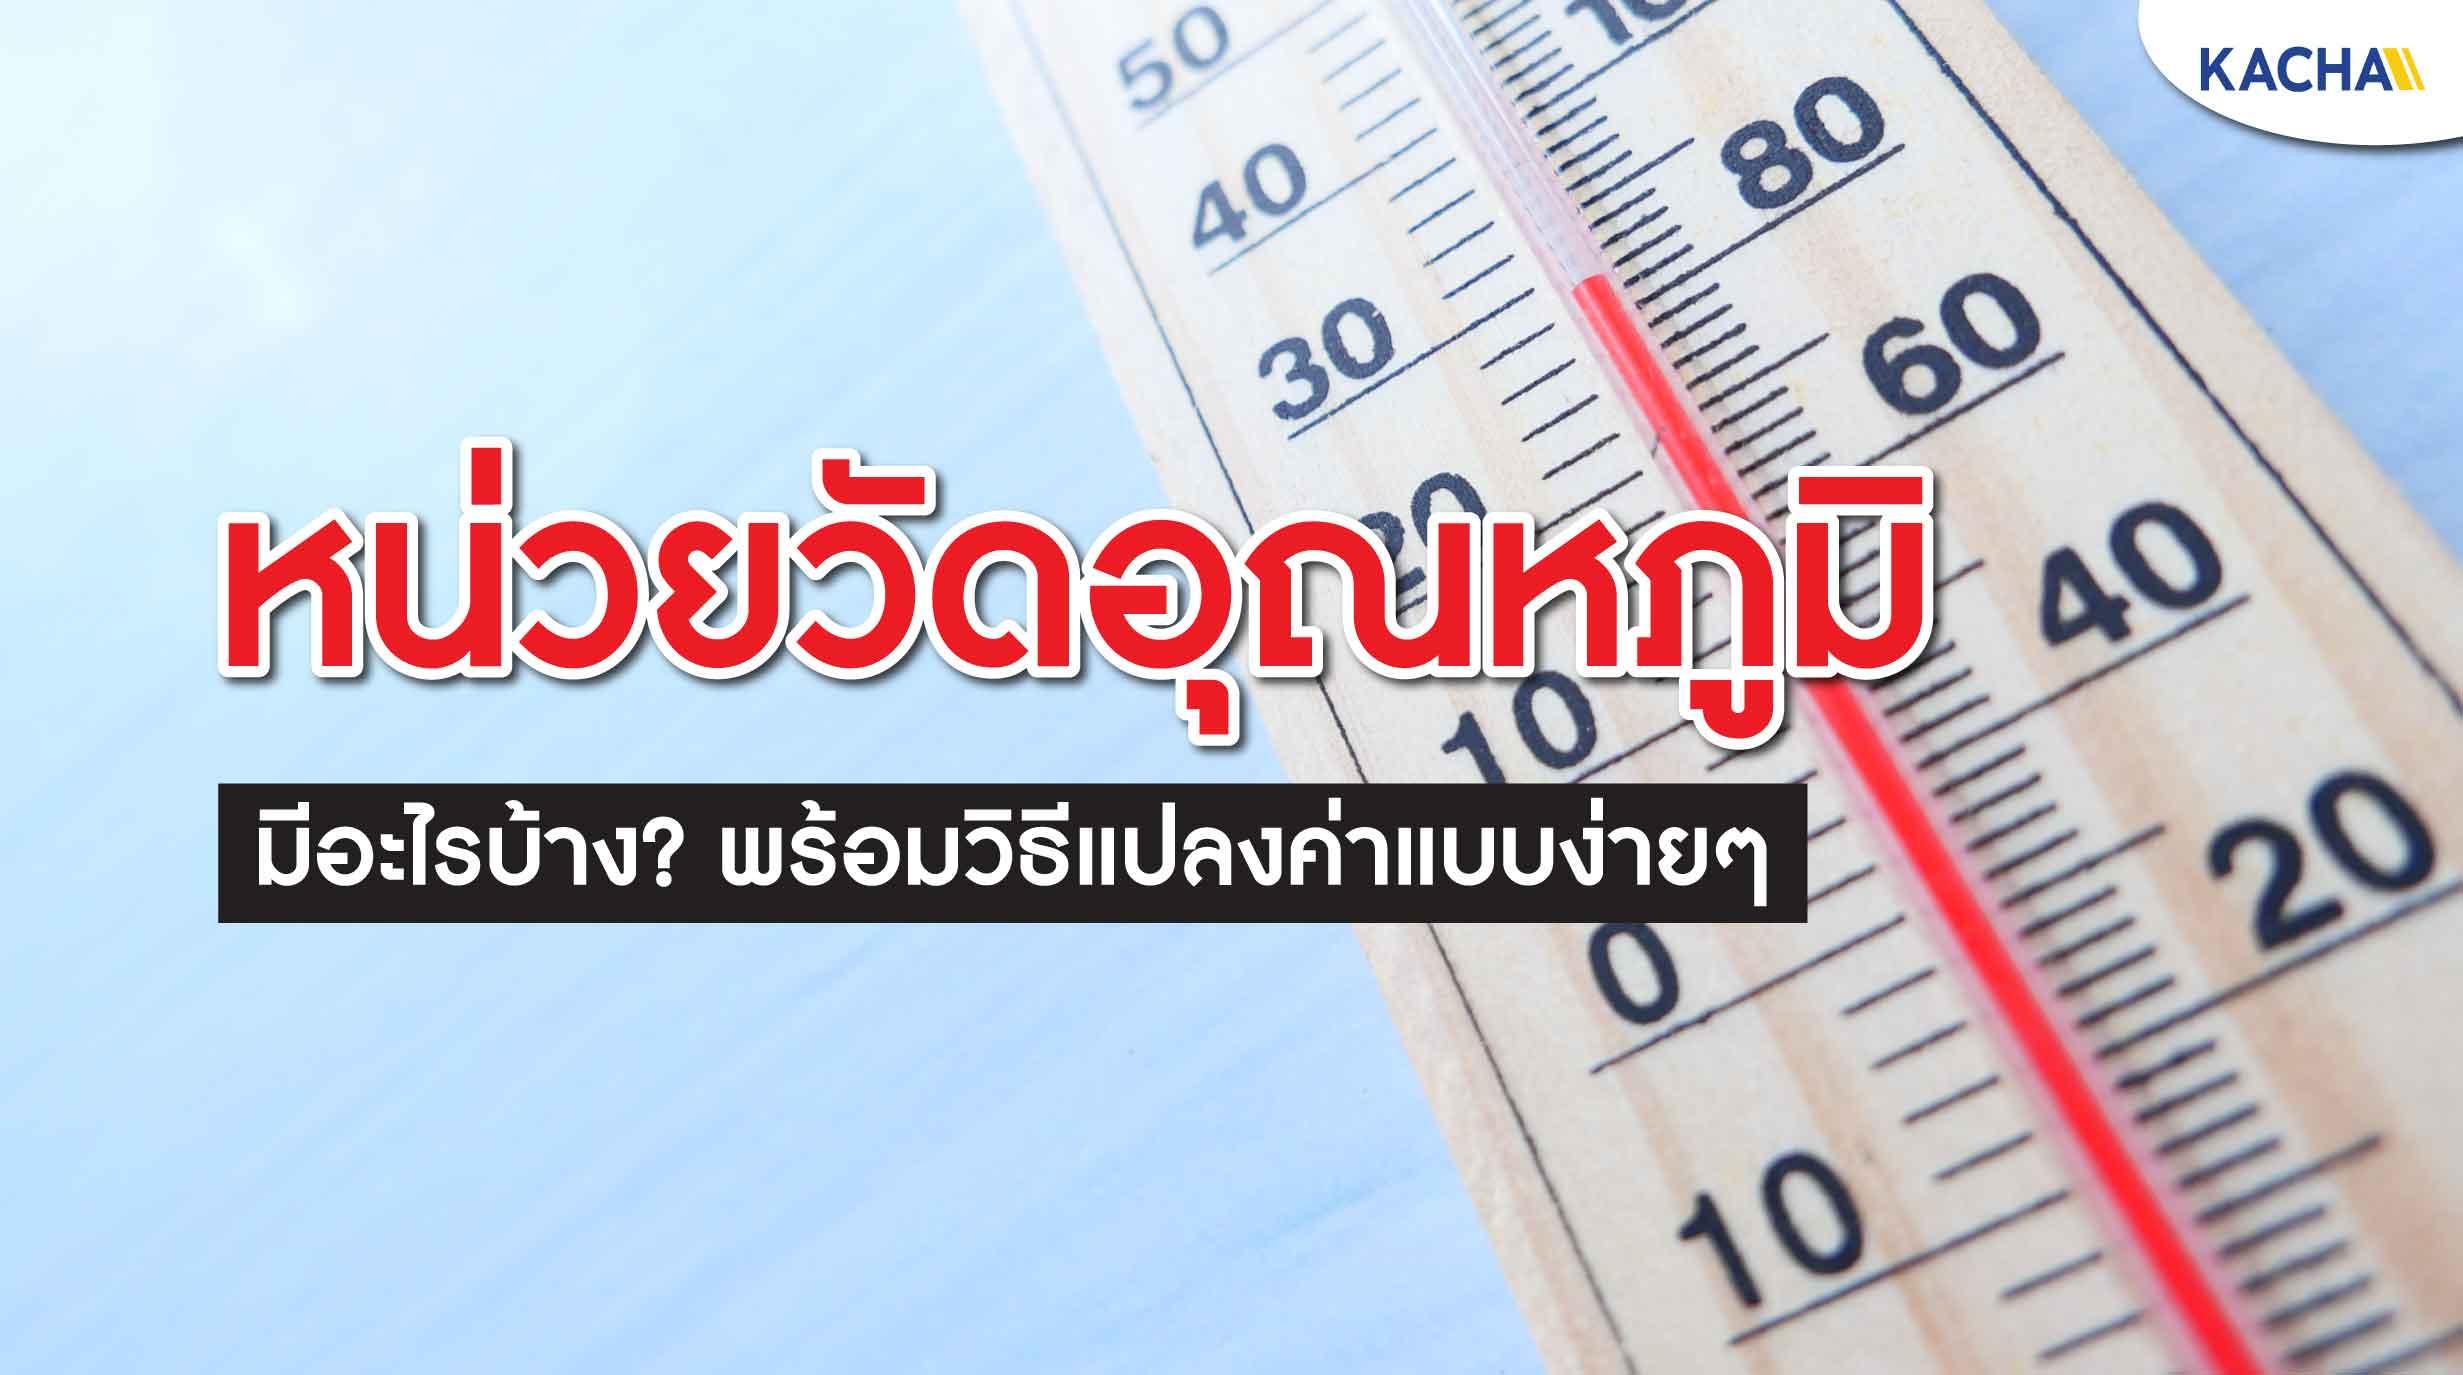 211006-Content-รู้จักกับ-หน่วยวัดอุณหภูมิ-พร้อมวิธีการแปลงองศาแบบง่าย-ๆ01